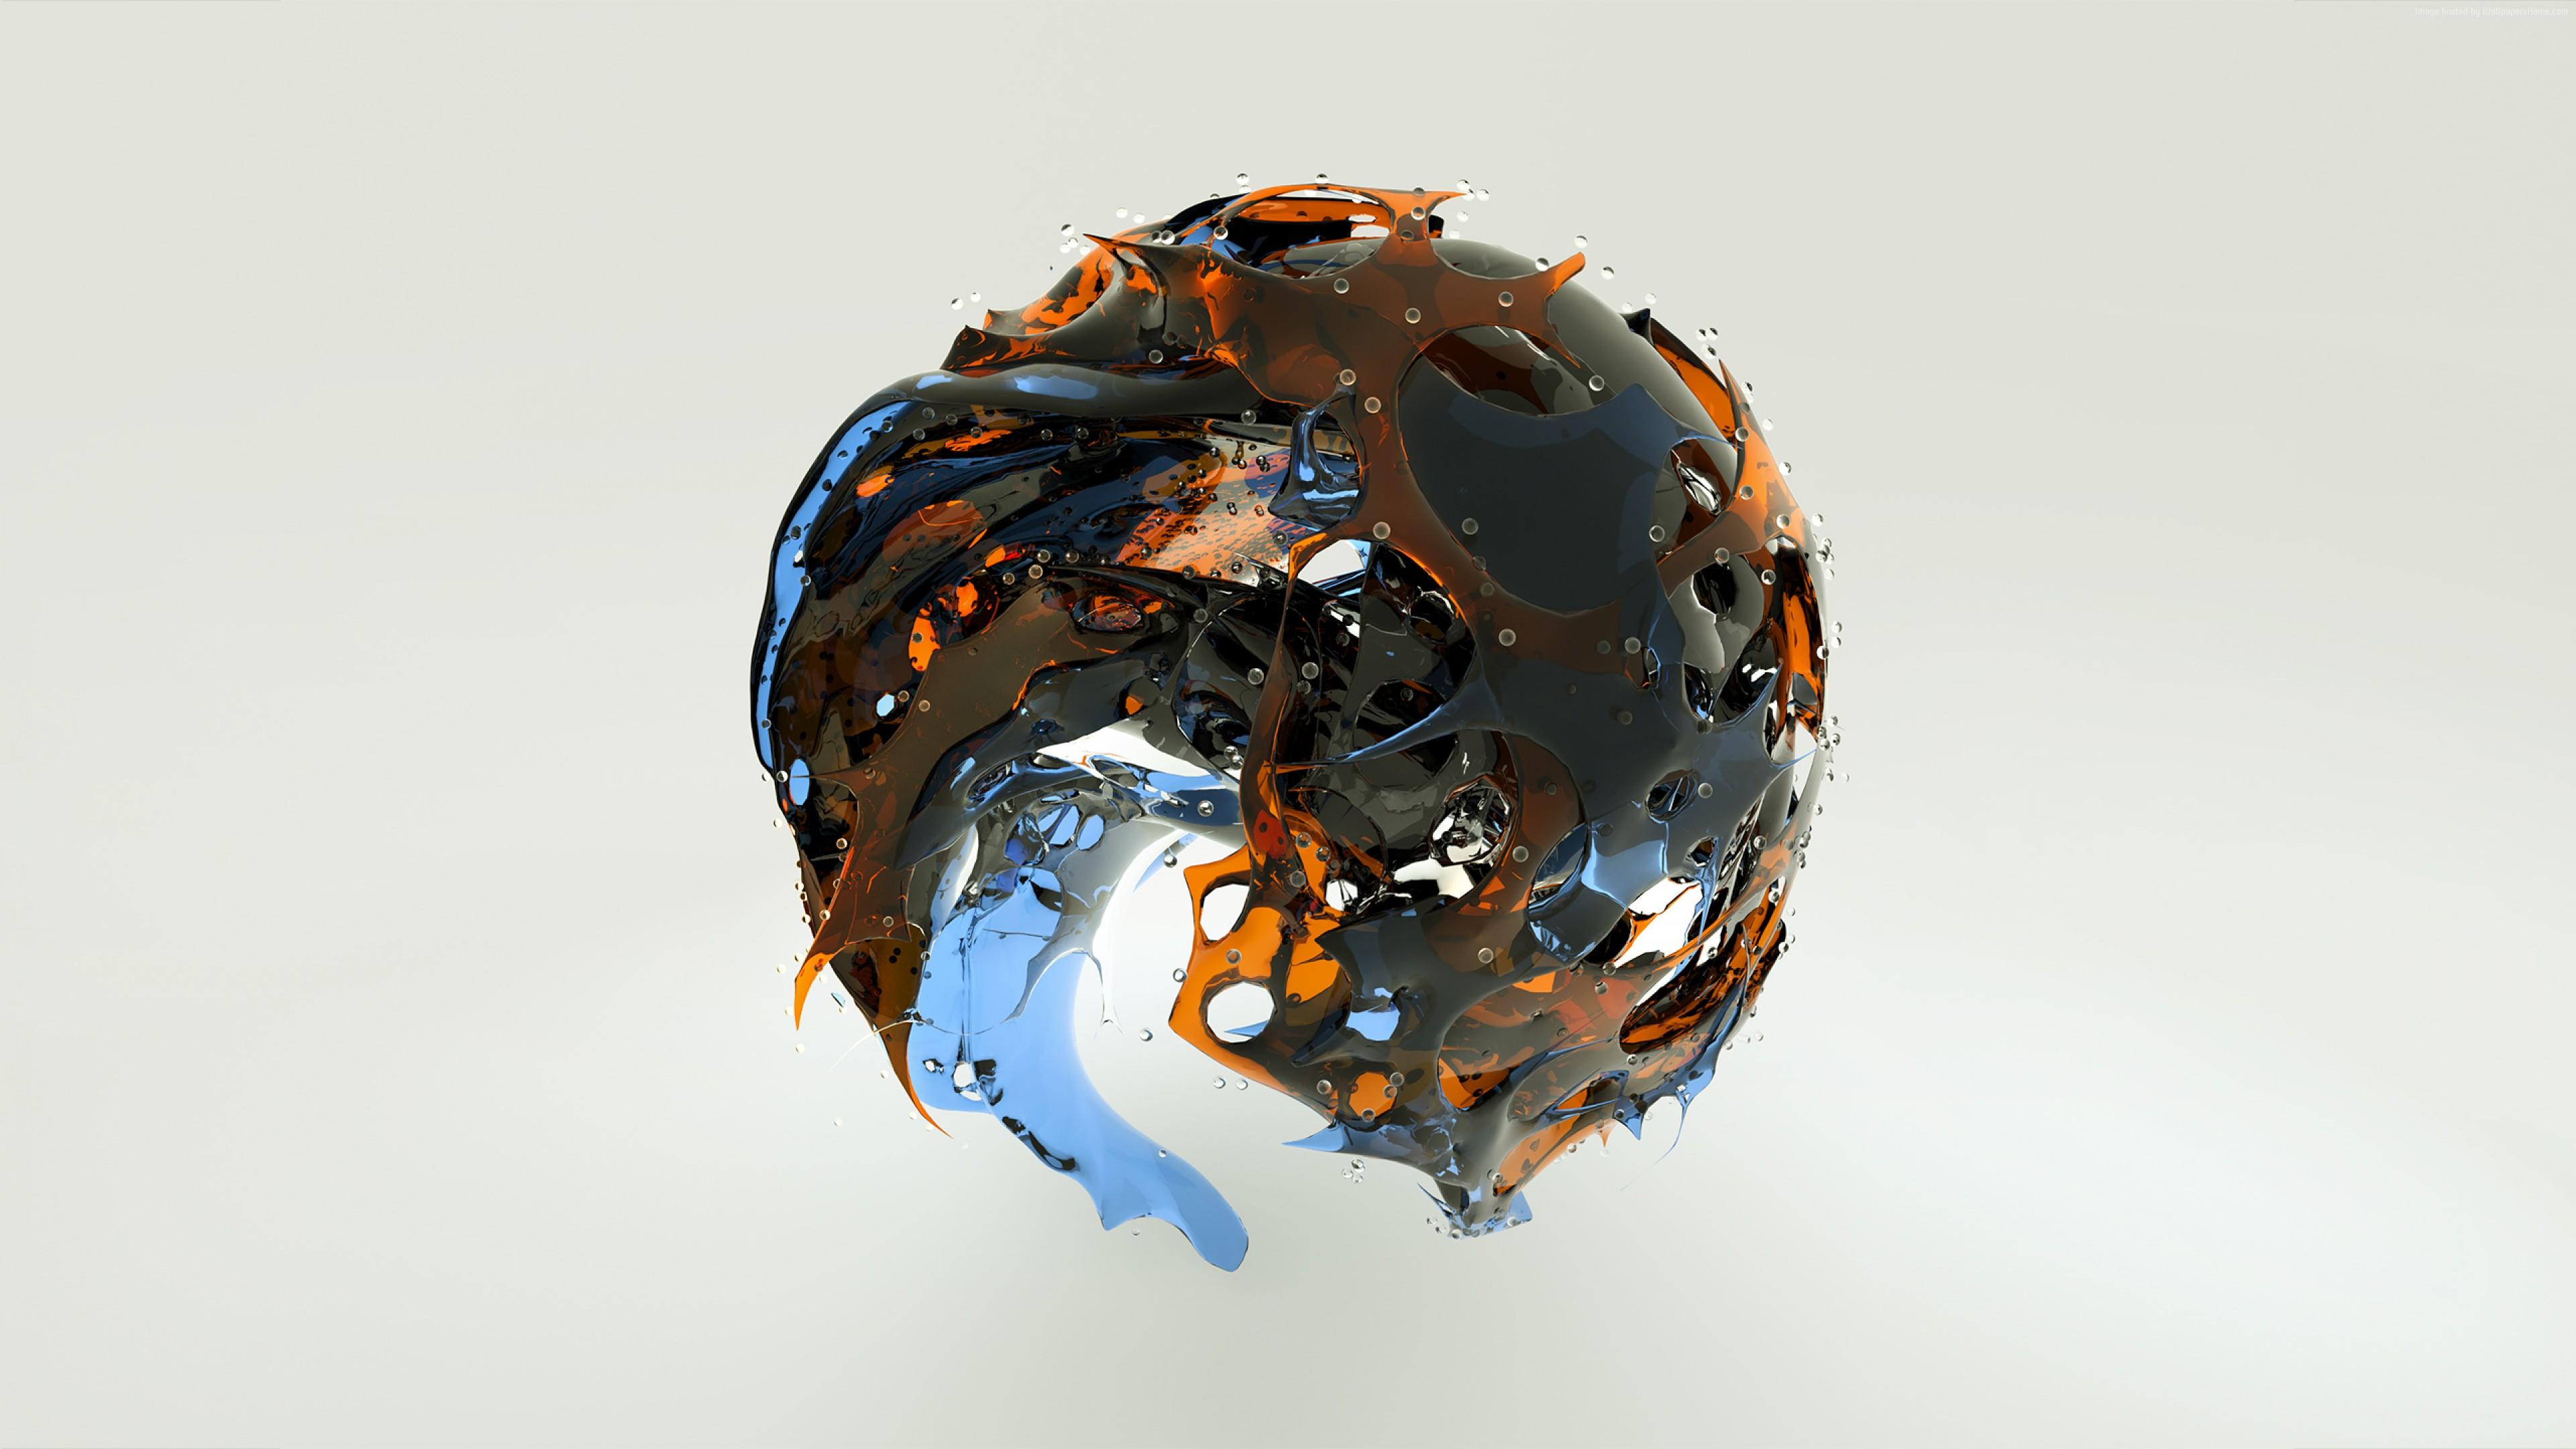 1366x768 Sachin Tendulkar Wallpapers Hd Wallpaper Wallpaper Sphere 3d Glass Hd Abstract 3d